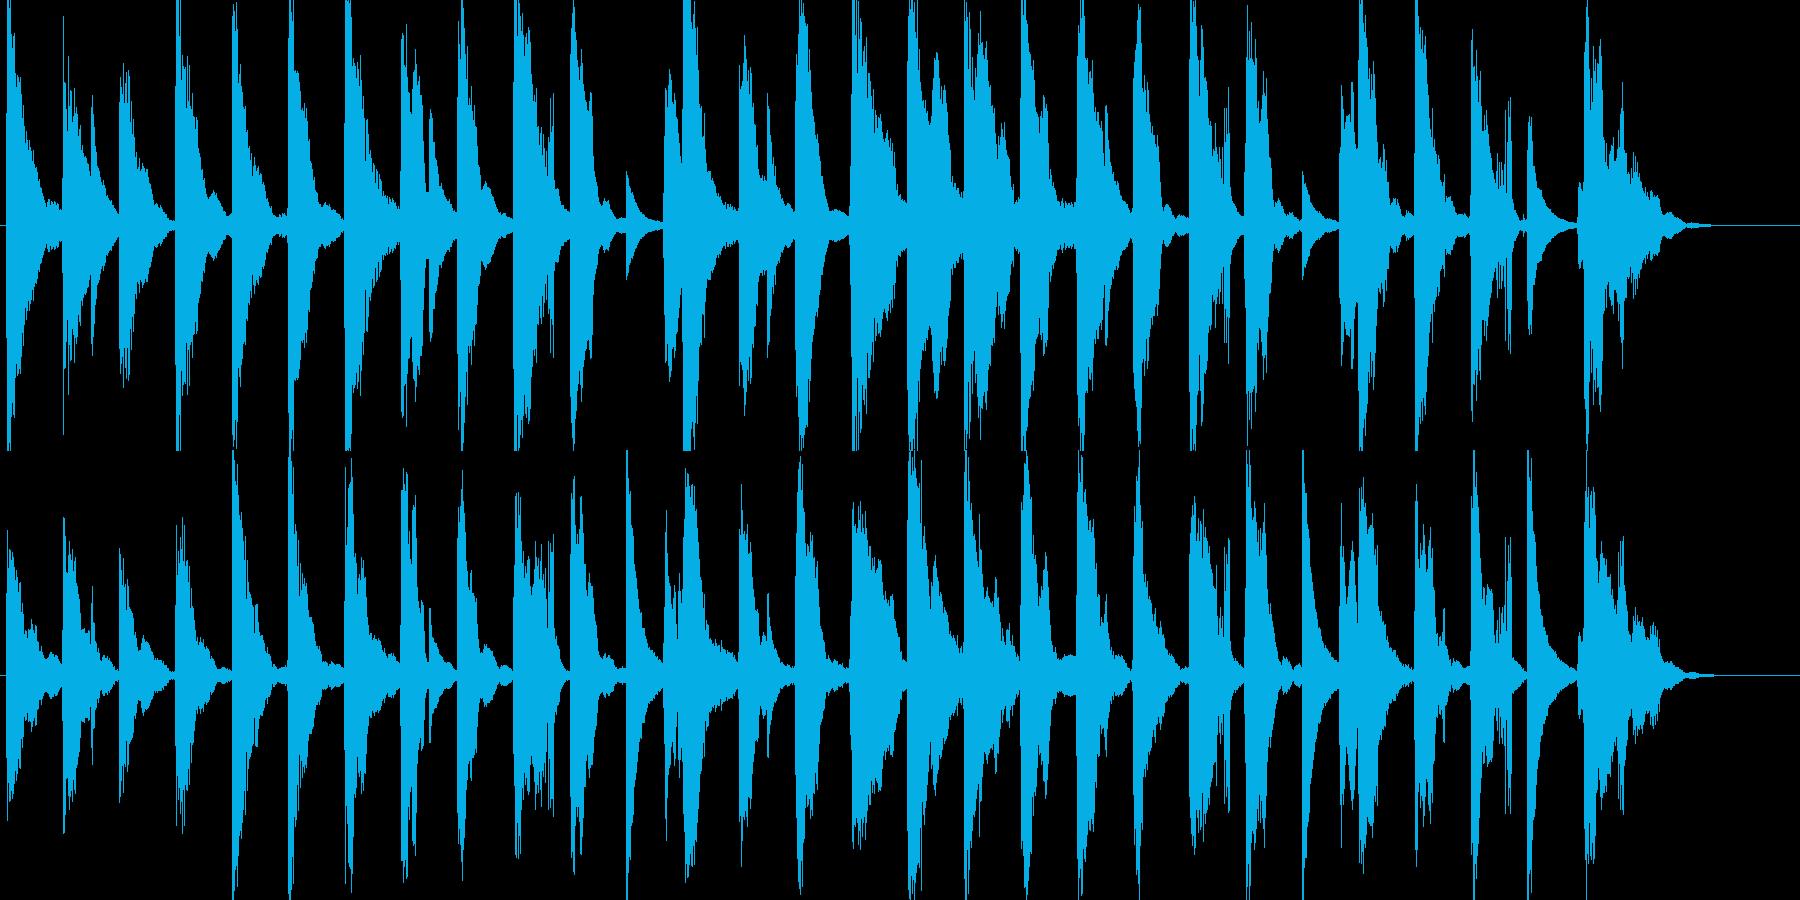 かわいい15秒CM楽曲。の再生済みの波形